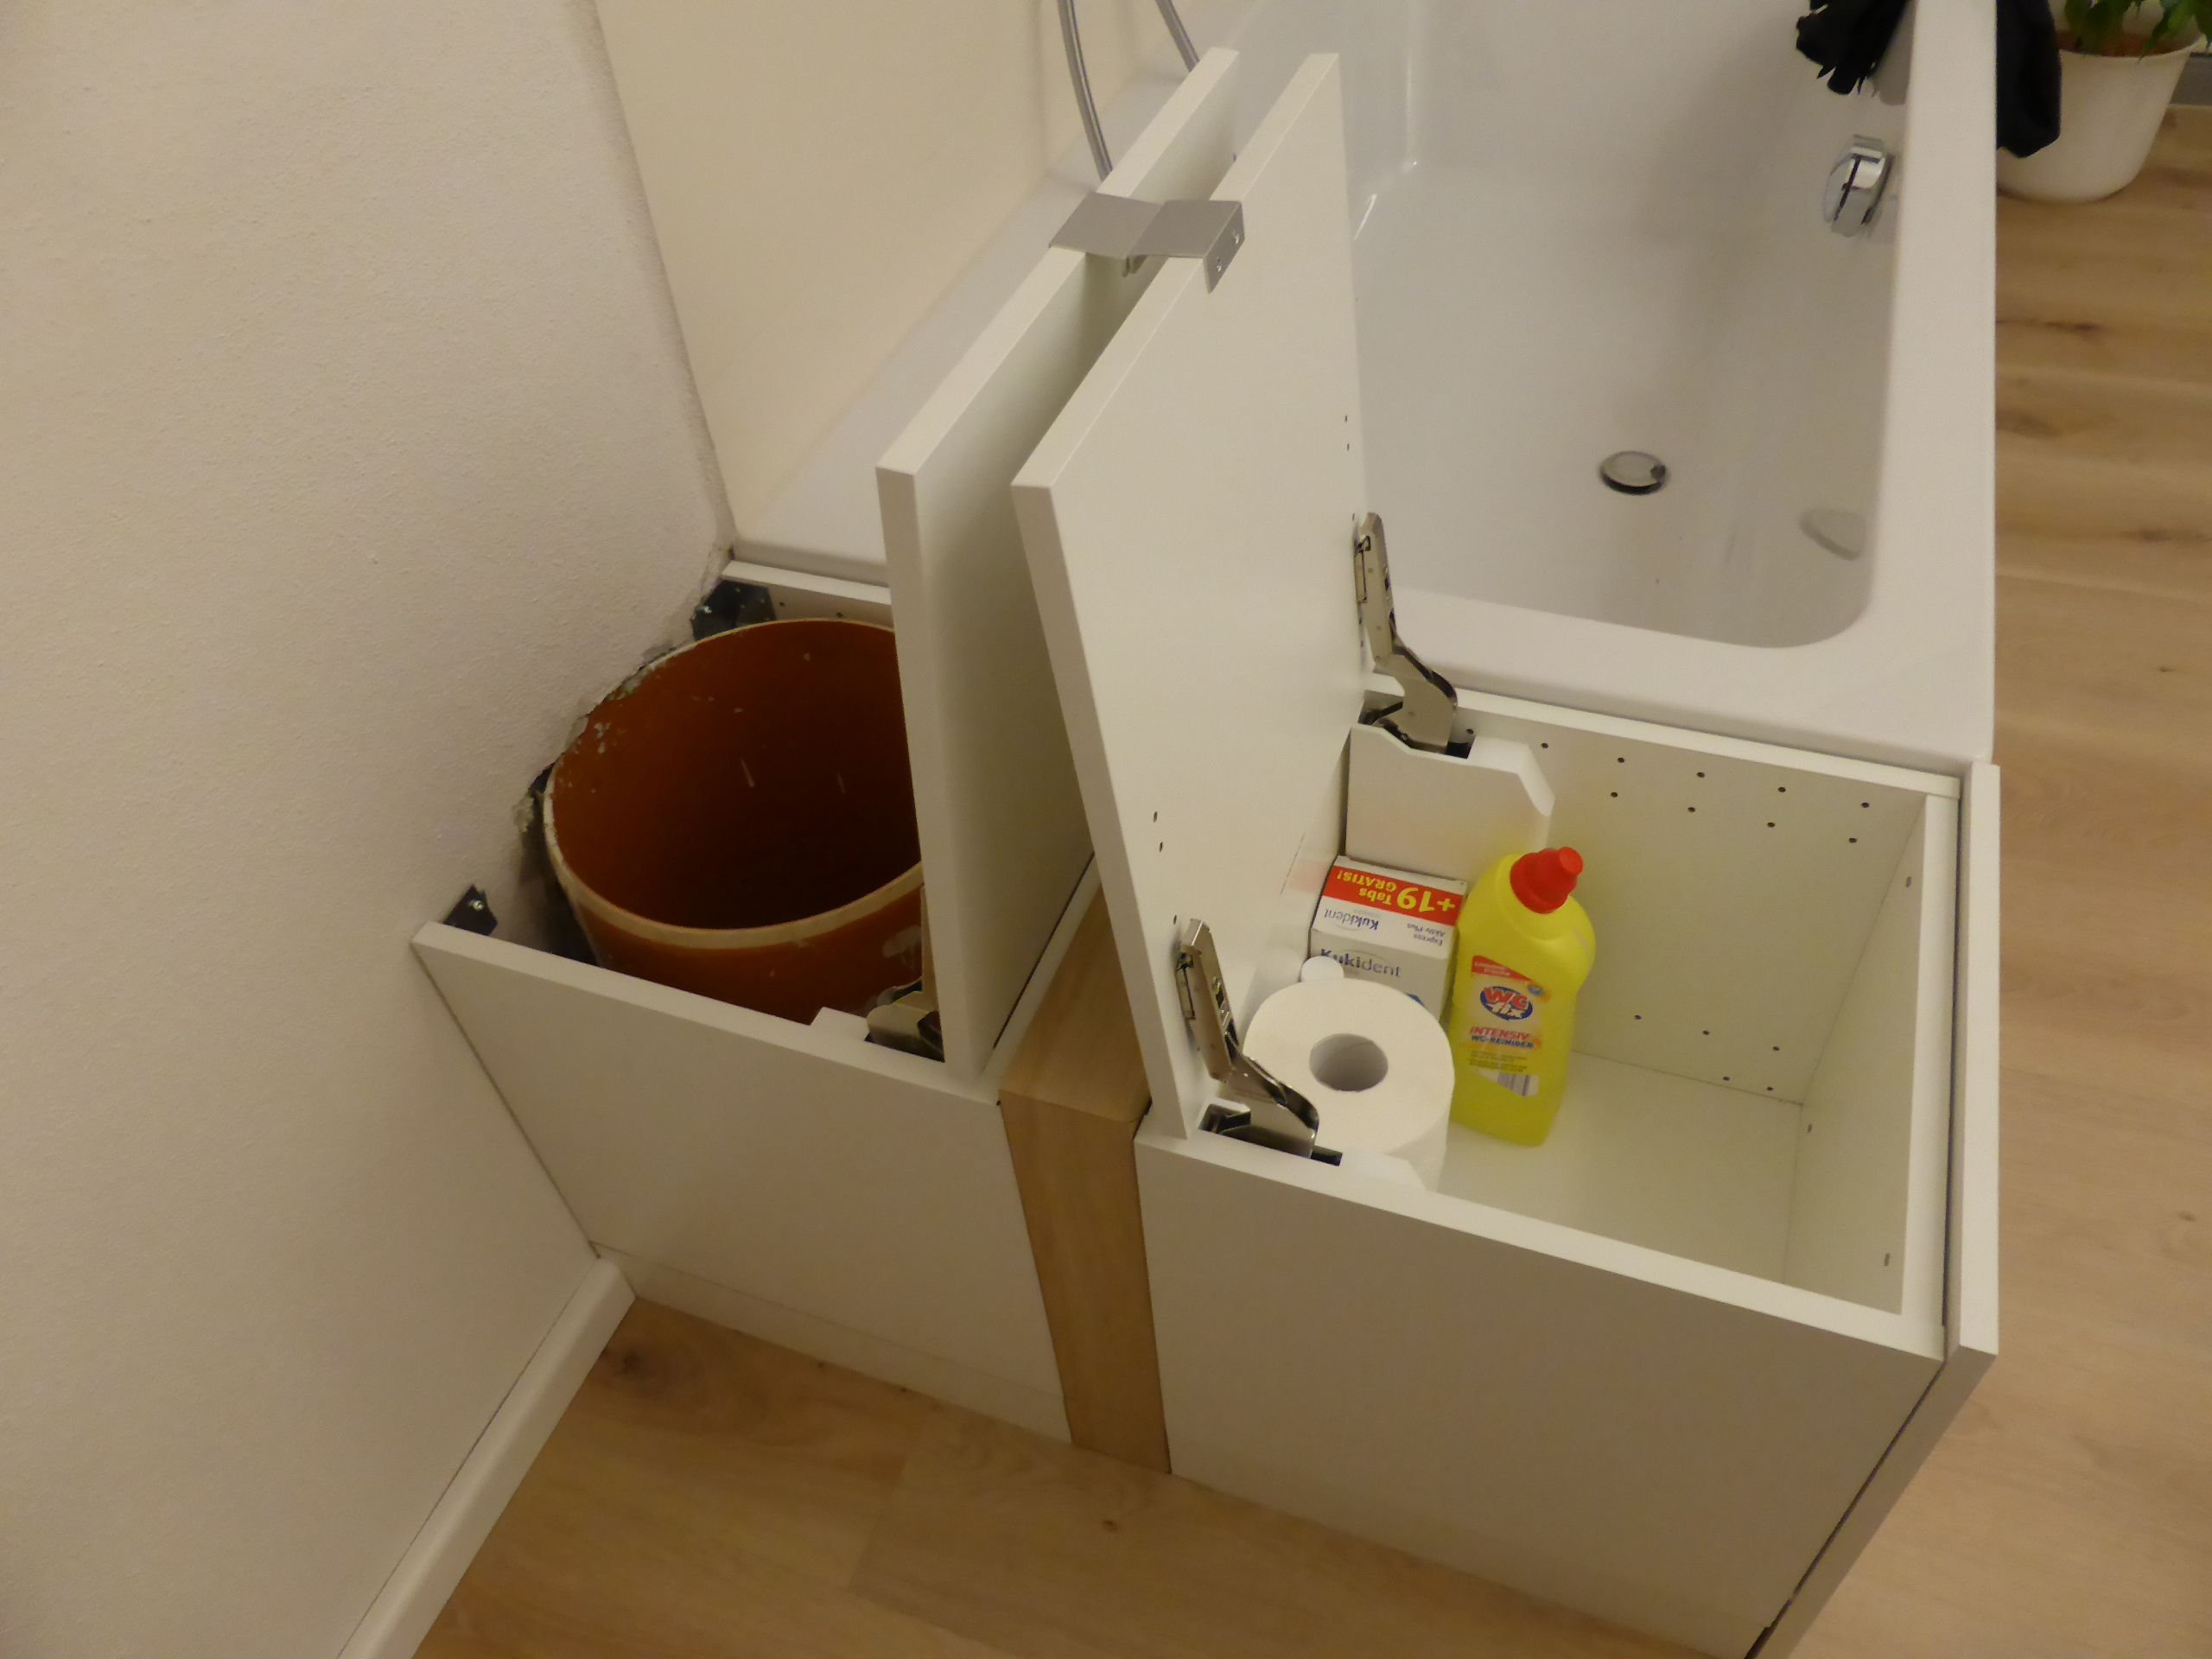 Top Stauraum neben Badewanne, Wäscheabwurfschacht | Laundry rooms in EH03